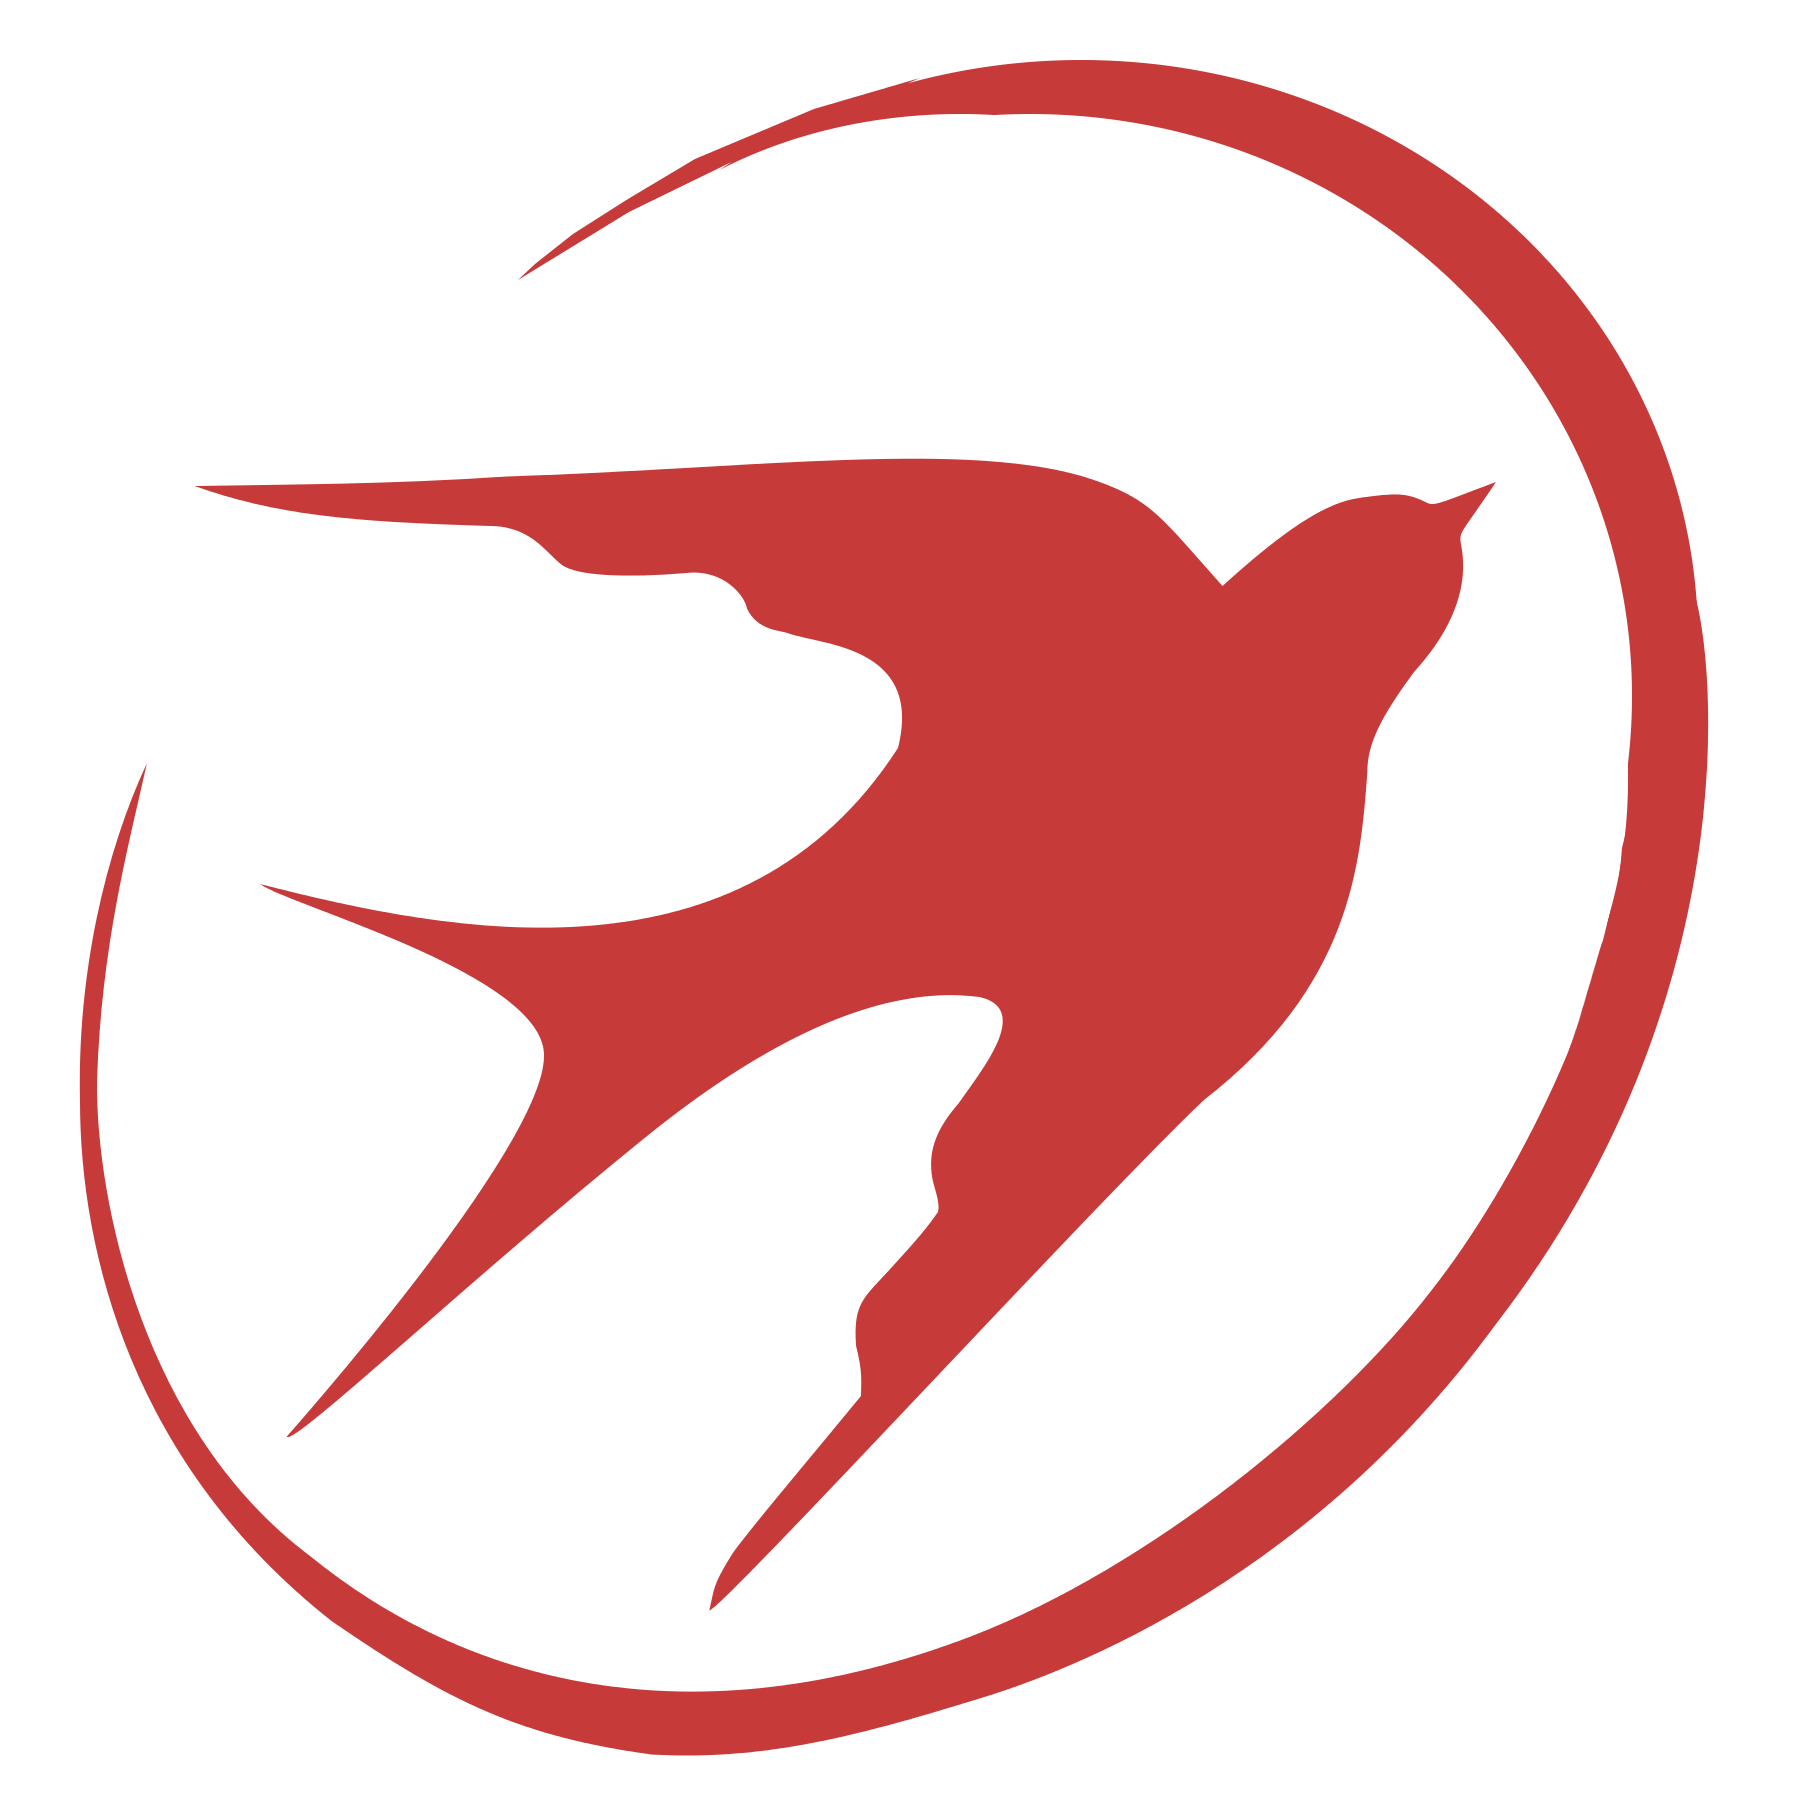 Silent Sparrow Big Hero 6 Wiki Fandom Powered By Wikia